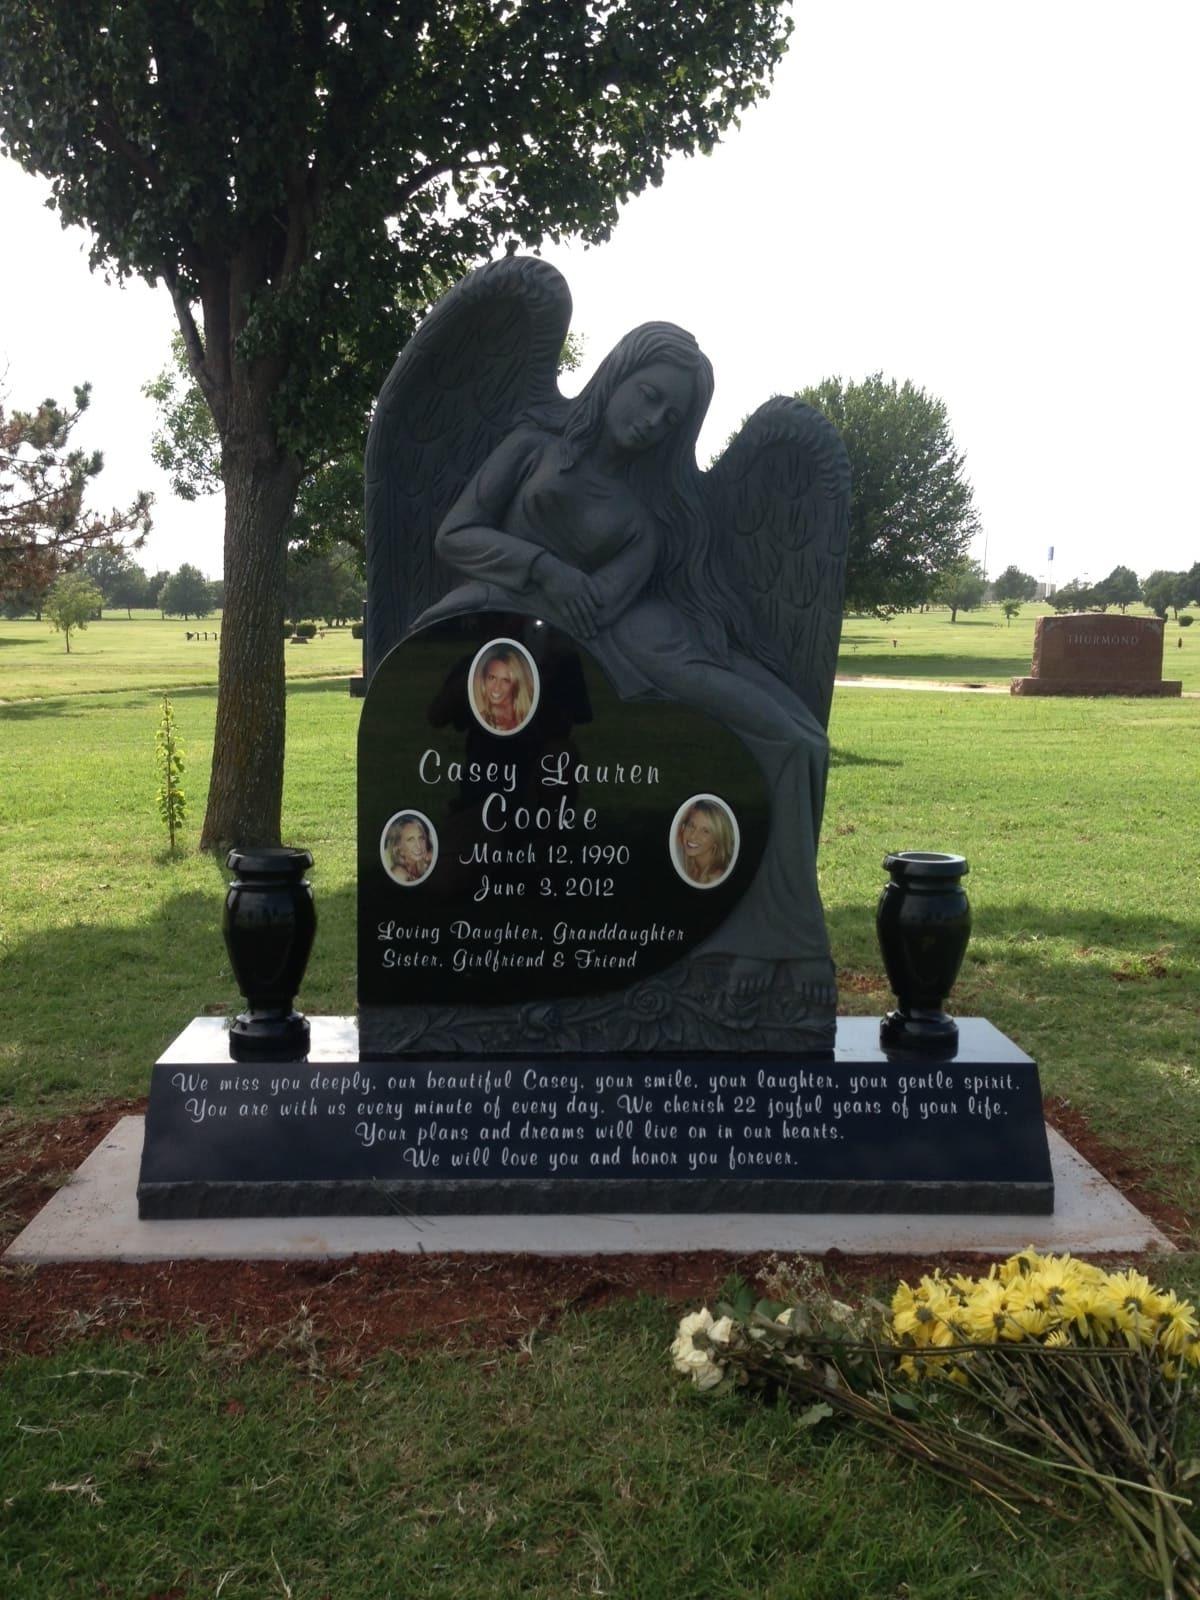 64. Memorial Park